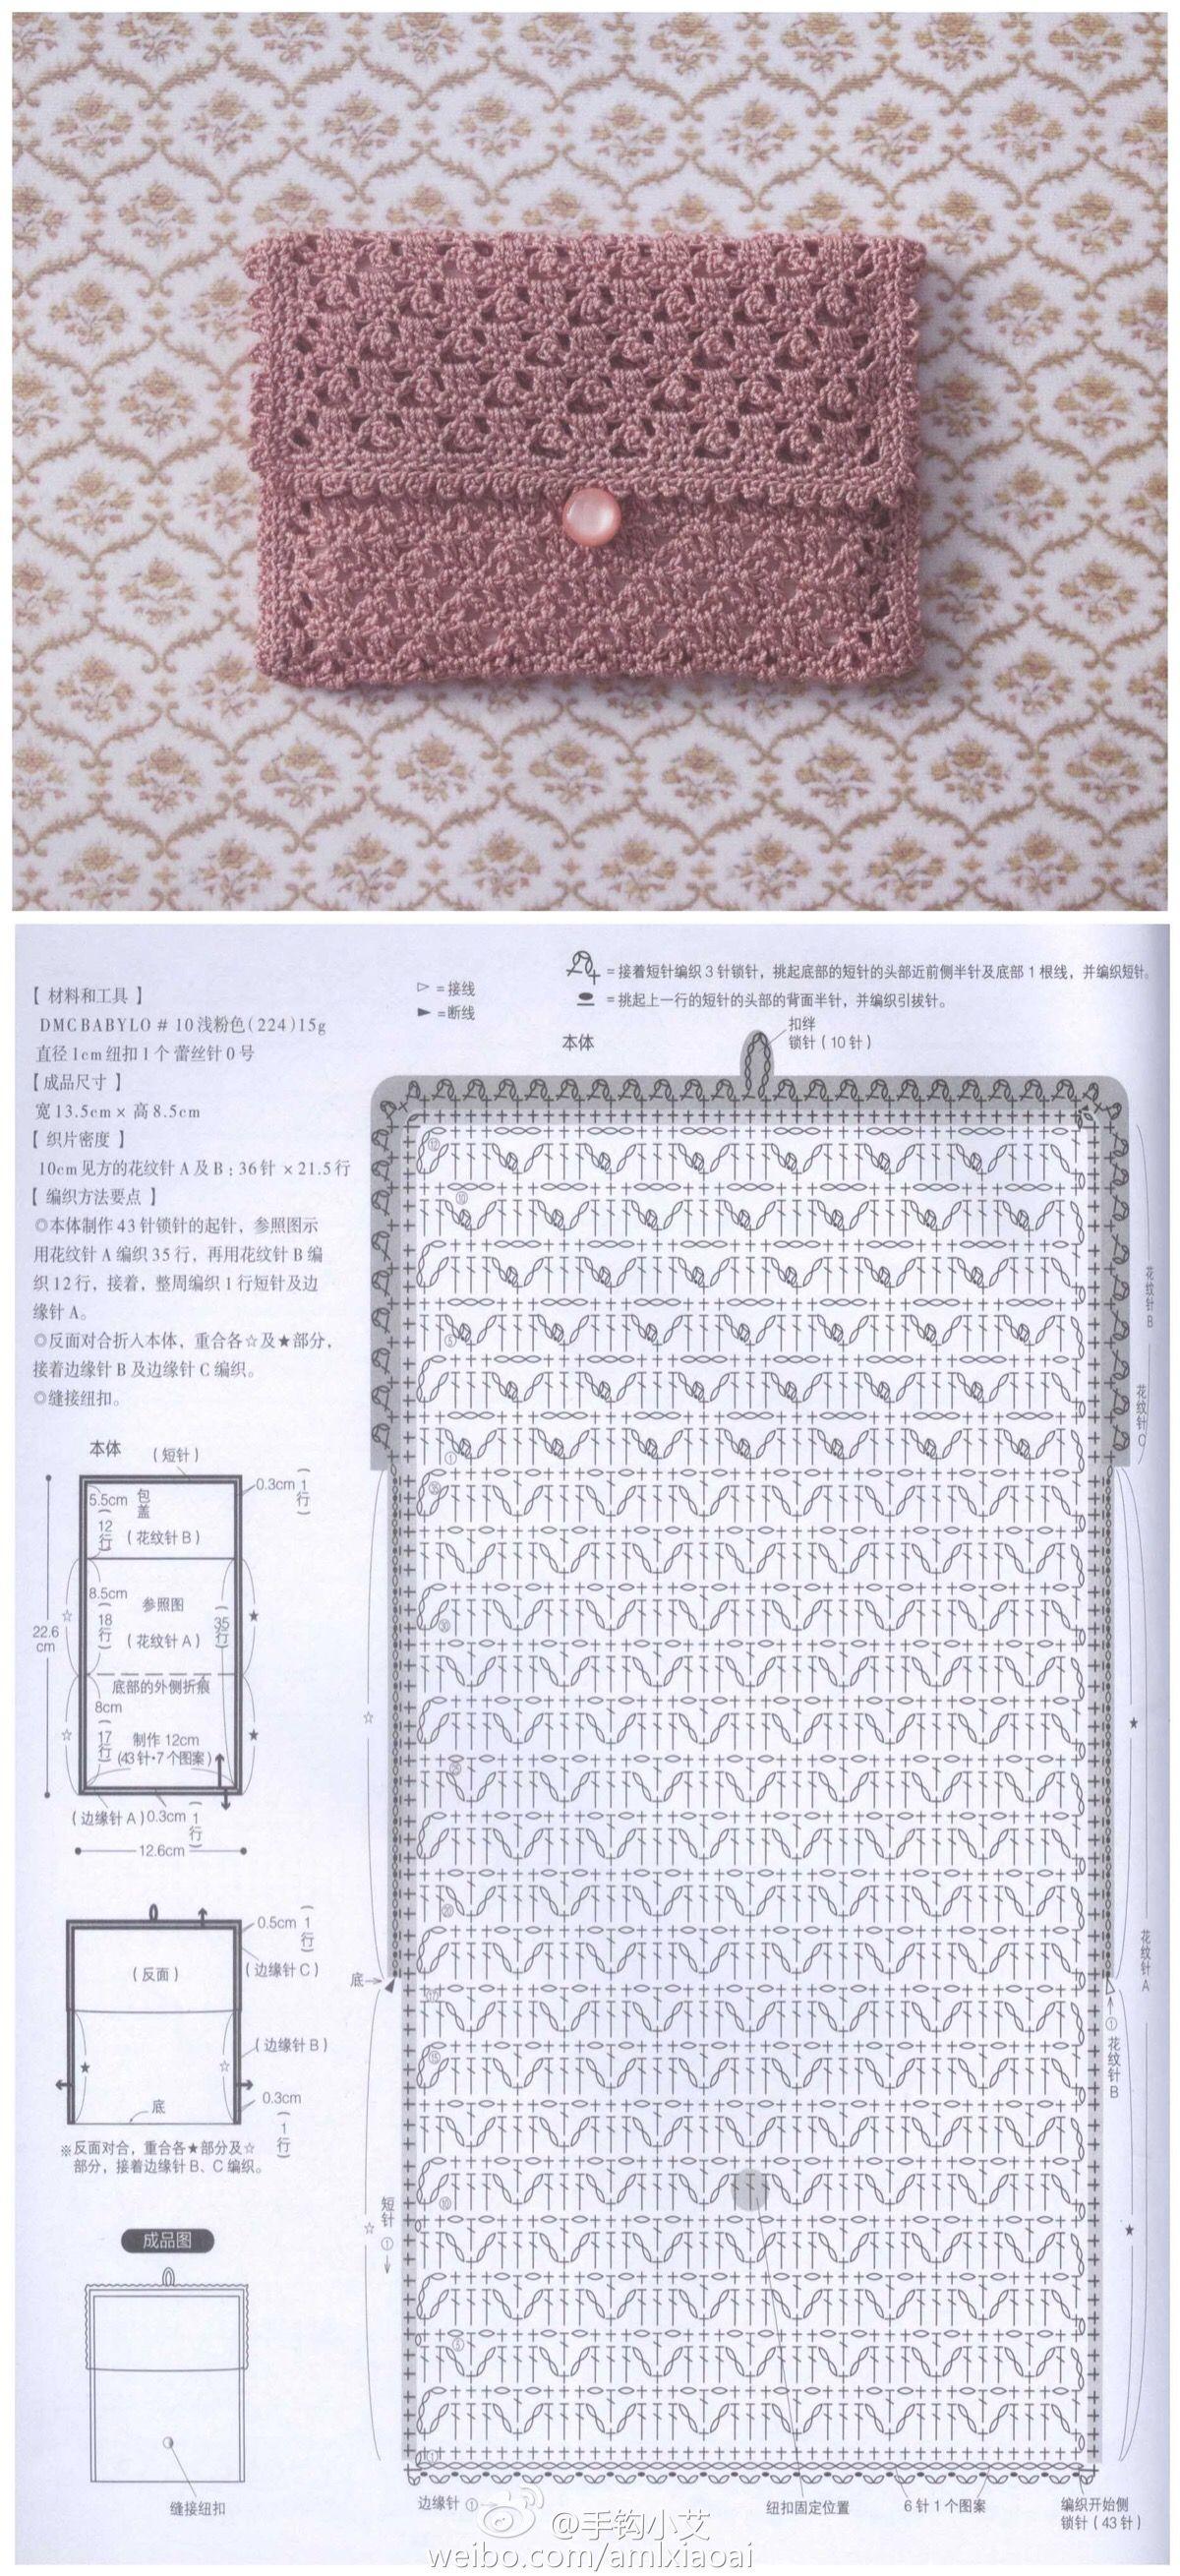 crochet purse pattern only diagram good enough [ 1200 x 2619 Pixel ]